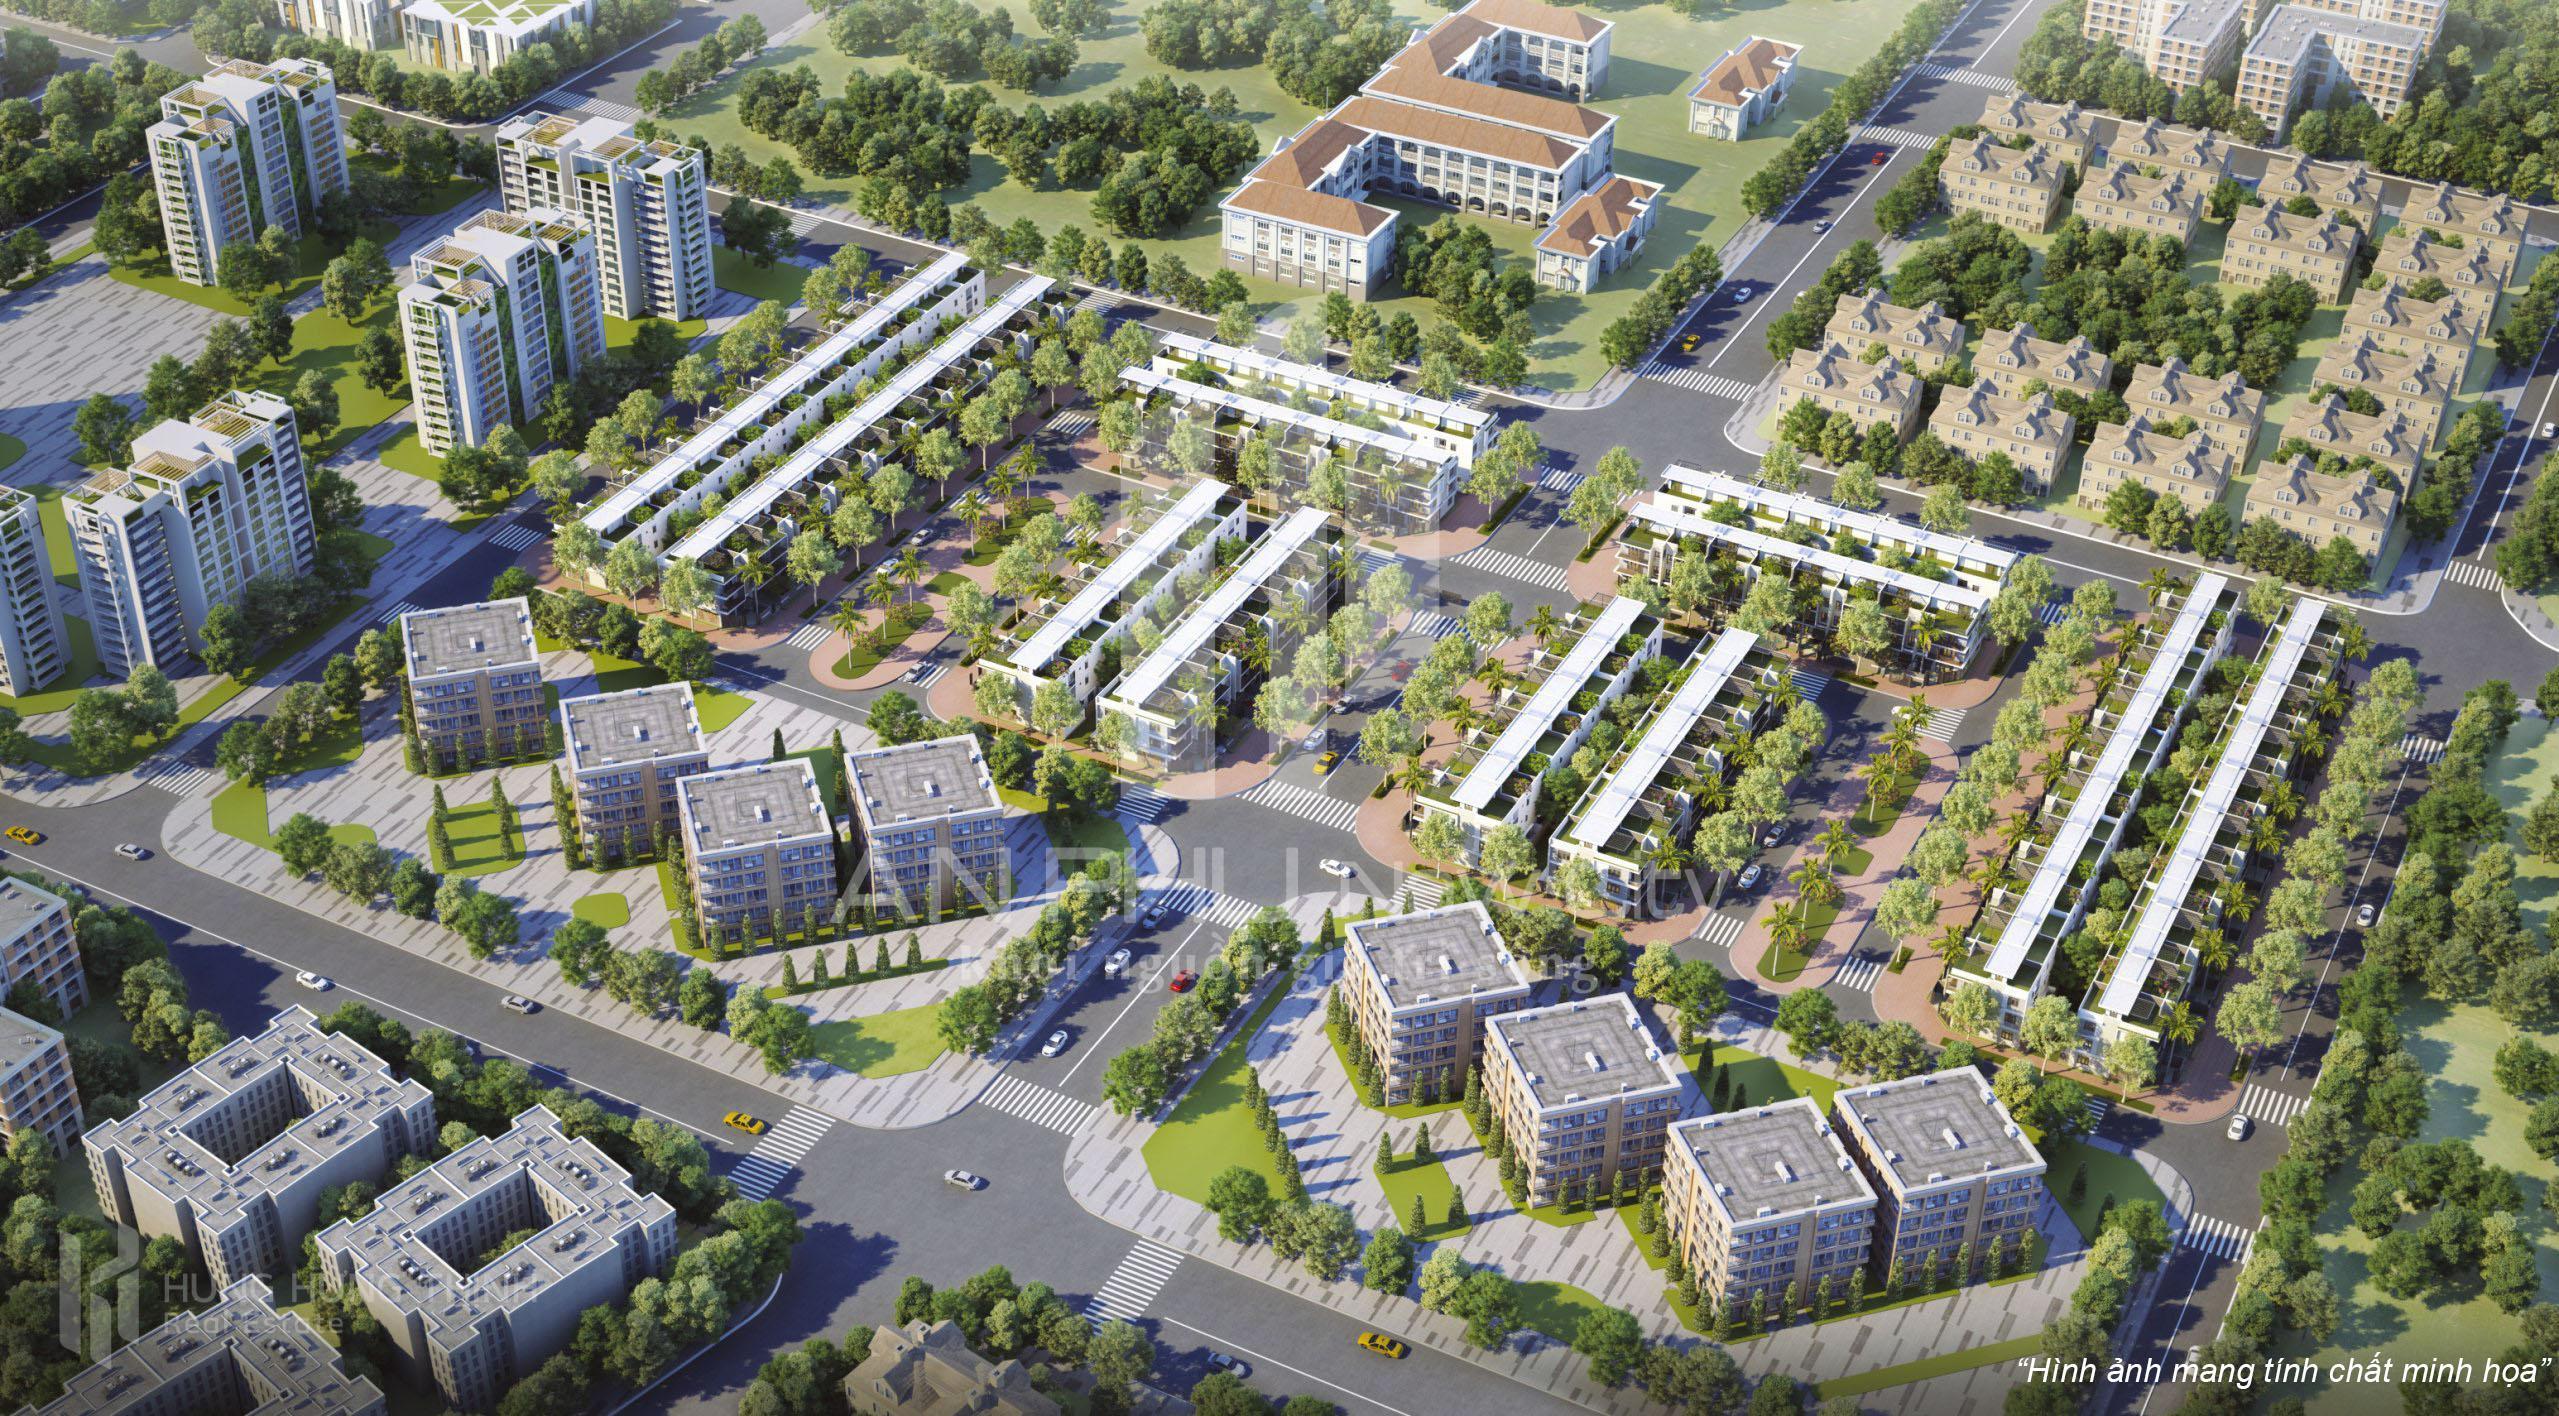 4 giá trị tạo sức hút cho An Phu New City